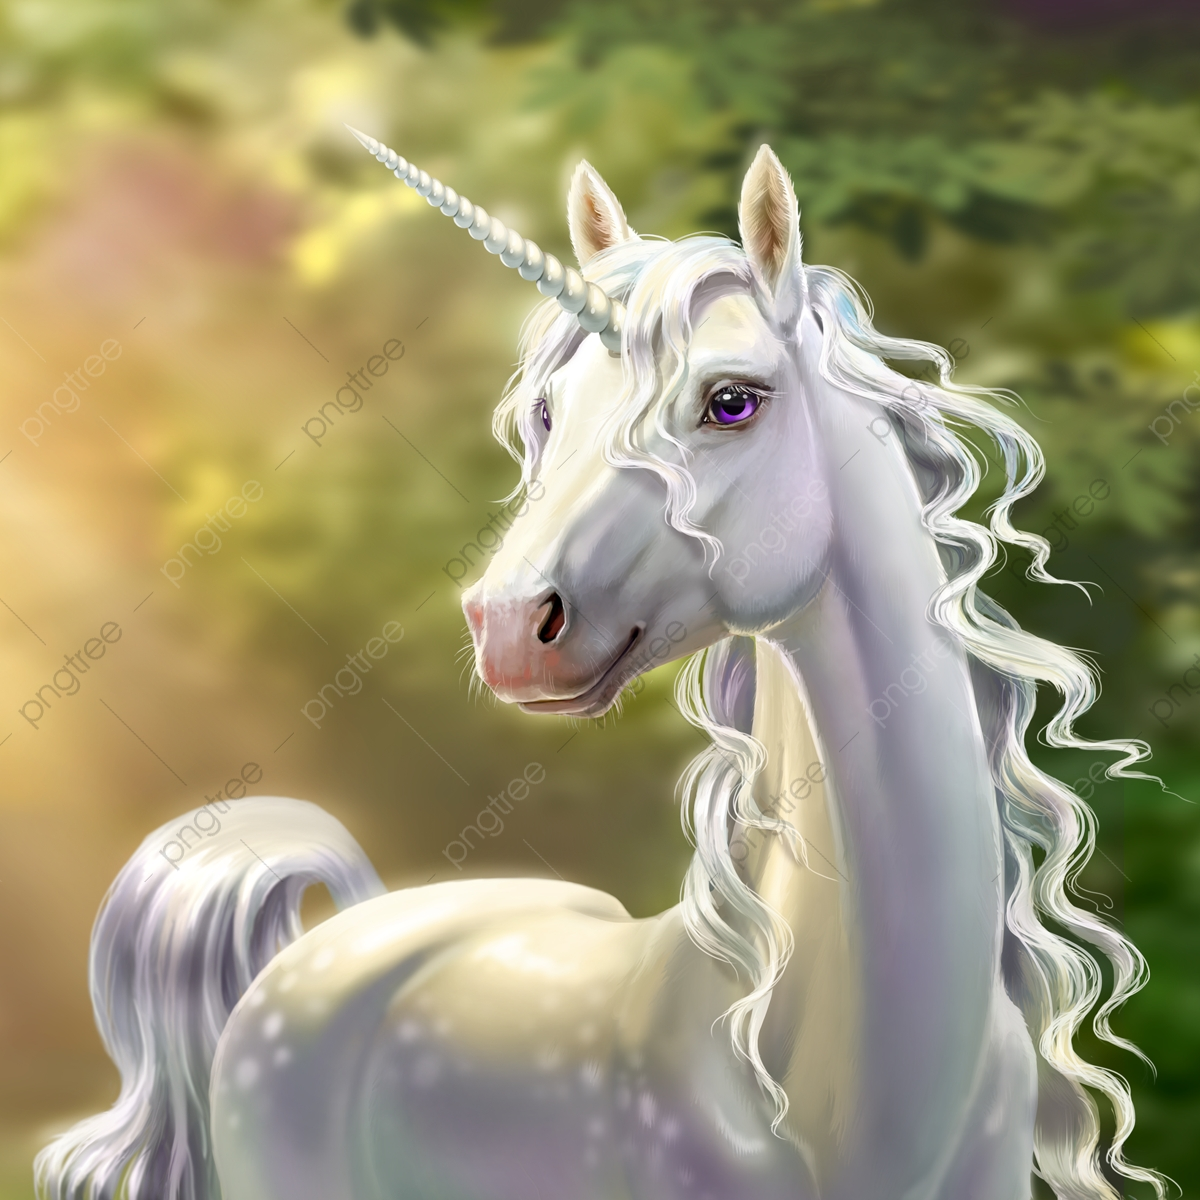 Unduh 94+ Gambar Unicorn Sebenar Terbaik Gratis